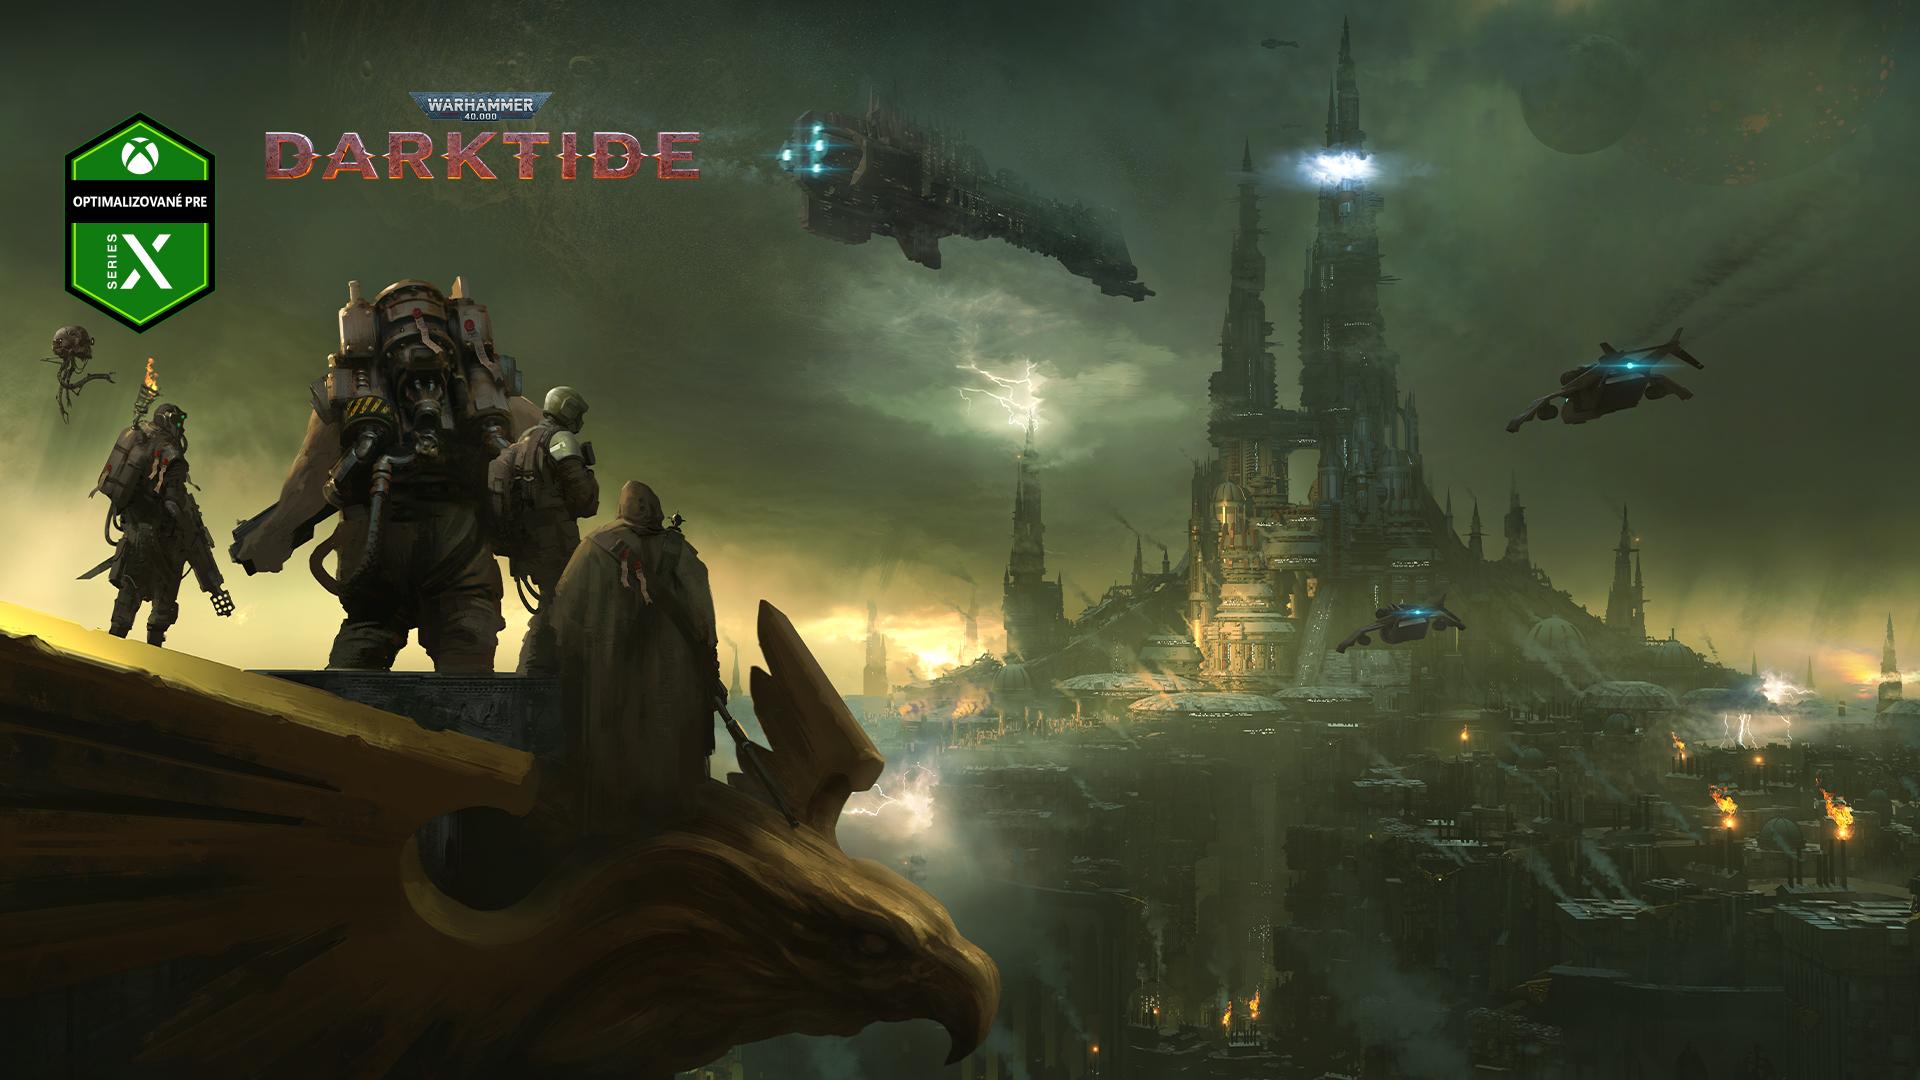 Optimalizované pre Series X, Warhammer 40,000 Darktide, skupina postáv sa pozerá na mesto zahalené v hmle.